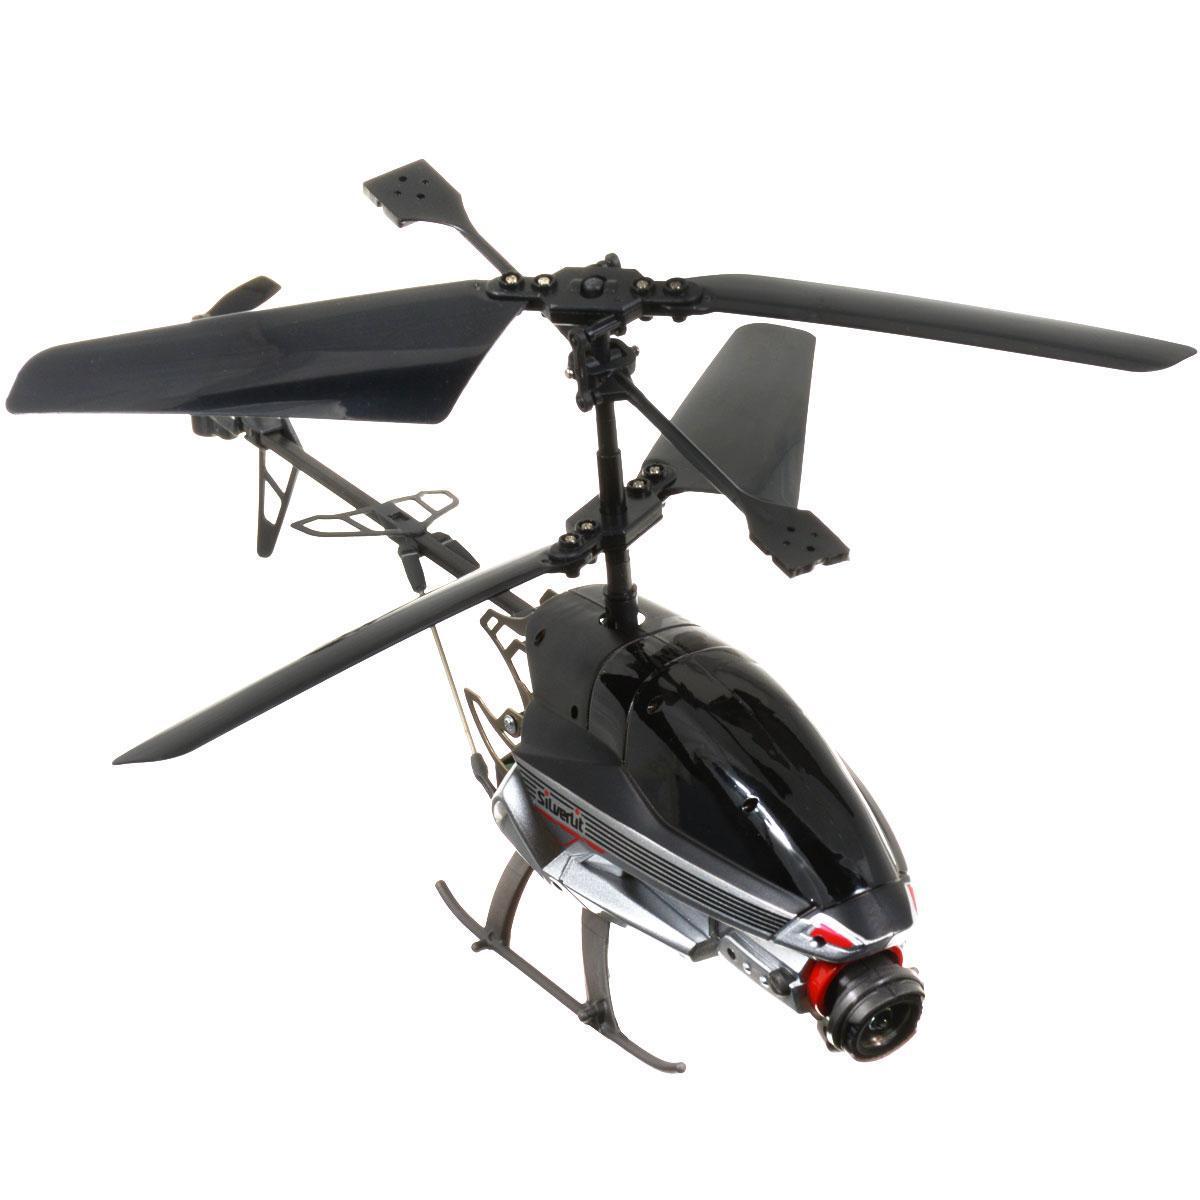 """Радиоуправляемая модель Silverlit """"Вертолет Spy Cam II"""" привлечет внимание не только ребенка, но и взрослого, и станет отличным подарком любителю воздушной техники. Вертолет оснащен встроенным гироскопом, который помогает скорректировать и устранить нежелательные вращения корпуса вертолета. Благодаря гироскопу сохраняется высокая устойчивость полета, что позволяет полностью контролировать его процесс, управляя без суеты и страха сломать игрушку. Вертолет оснащен функцией фото и видеосъемки, позволяющей отснять видео длительностью 60 секунд или сделать 300 фотографий. Основные направления движения вертолета: вперед-назад, вправо-влево, вверх-вниз. Каждый запуск вертолета будет максимально комфортным и принесет вам яркие впечатления! Вертолет работает от встроенного литий-полимерного аккумулятора c напряжением 3,7V 200 mAh. Пульт управления работает от 6 батареек напряжением 1,5V типа AA (не входят в комплект)."""